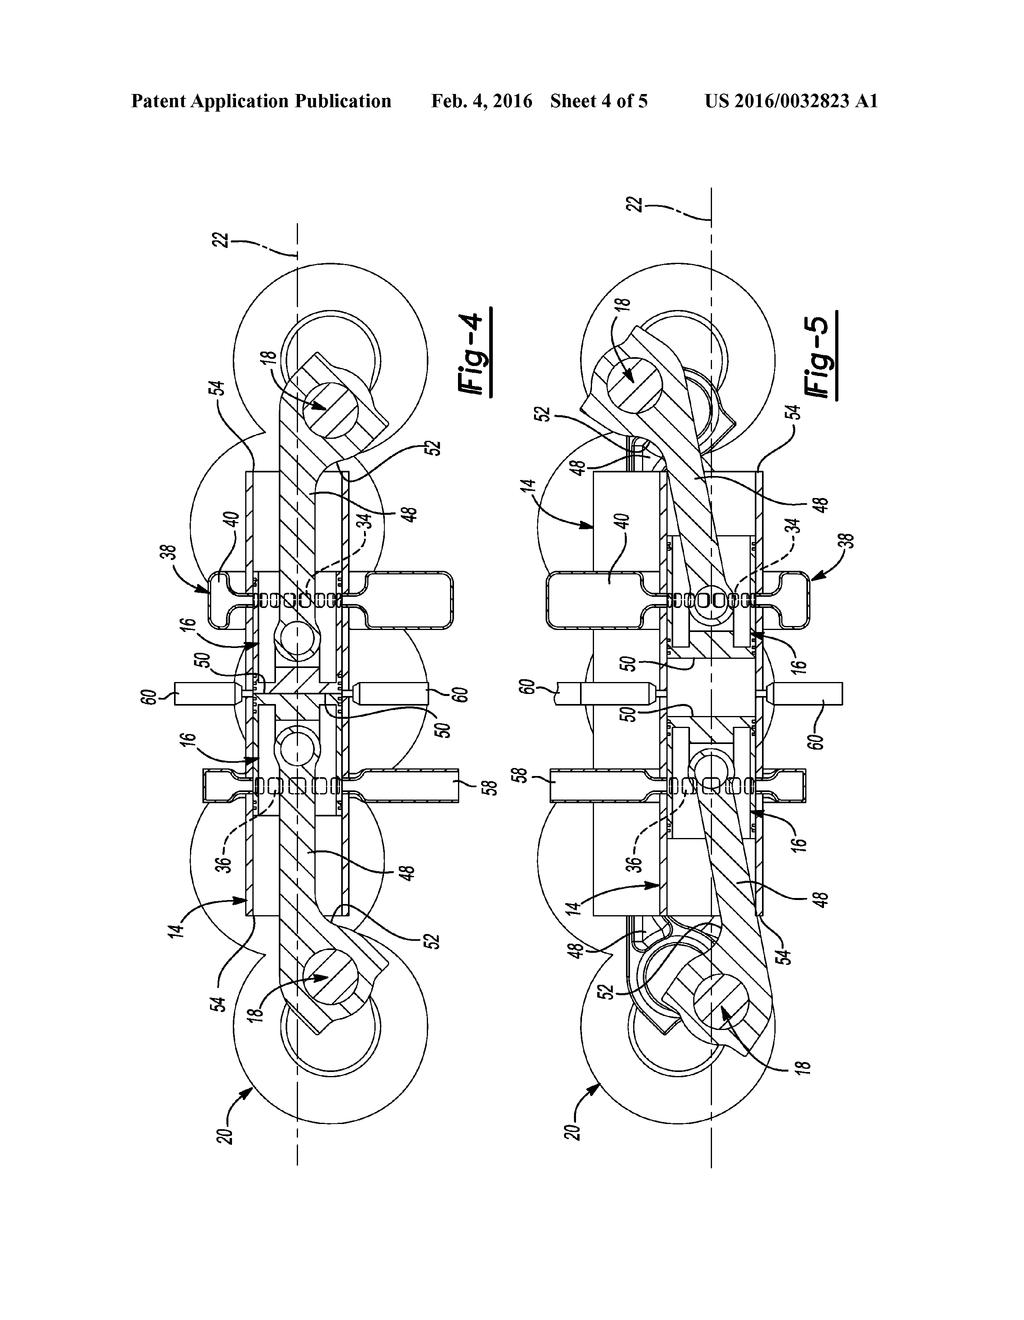 Daikin Vrv Wiring Diagram